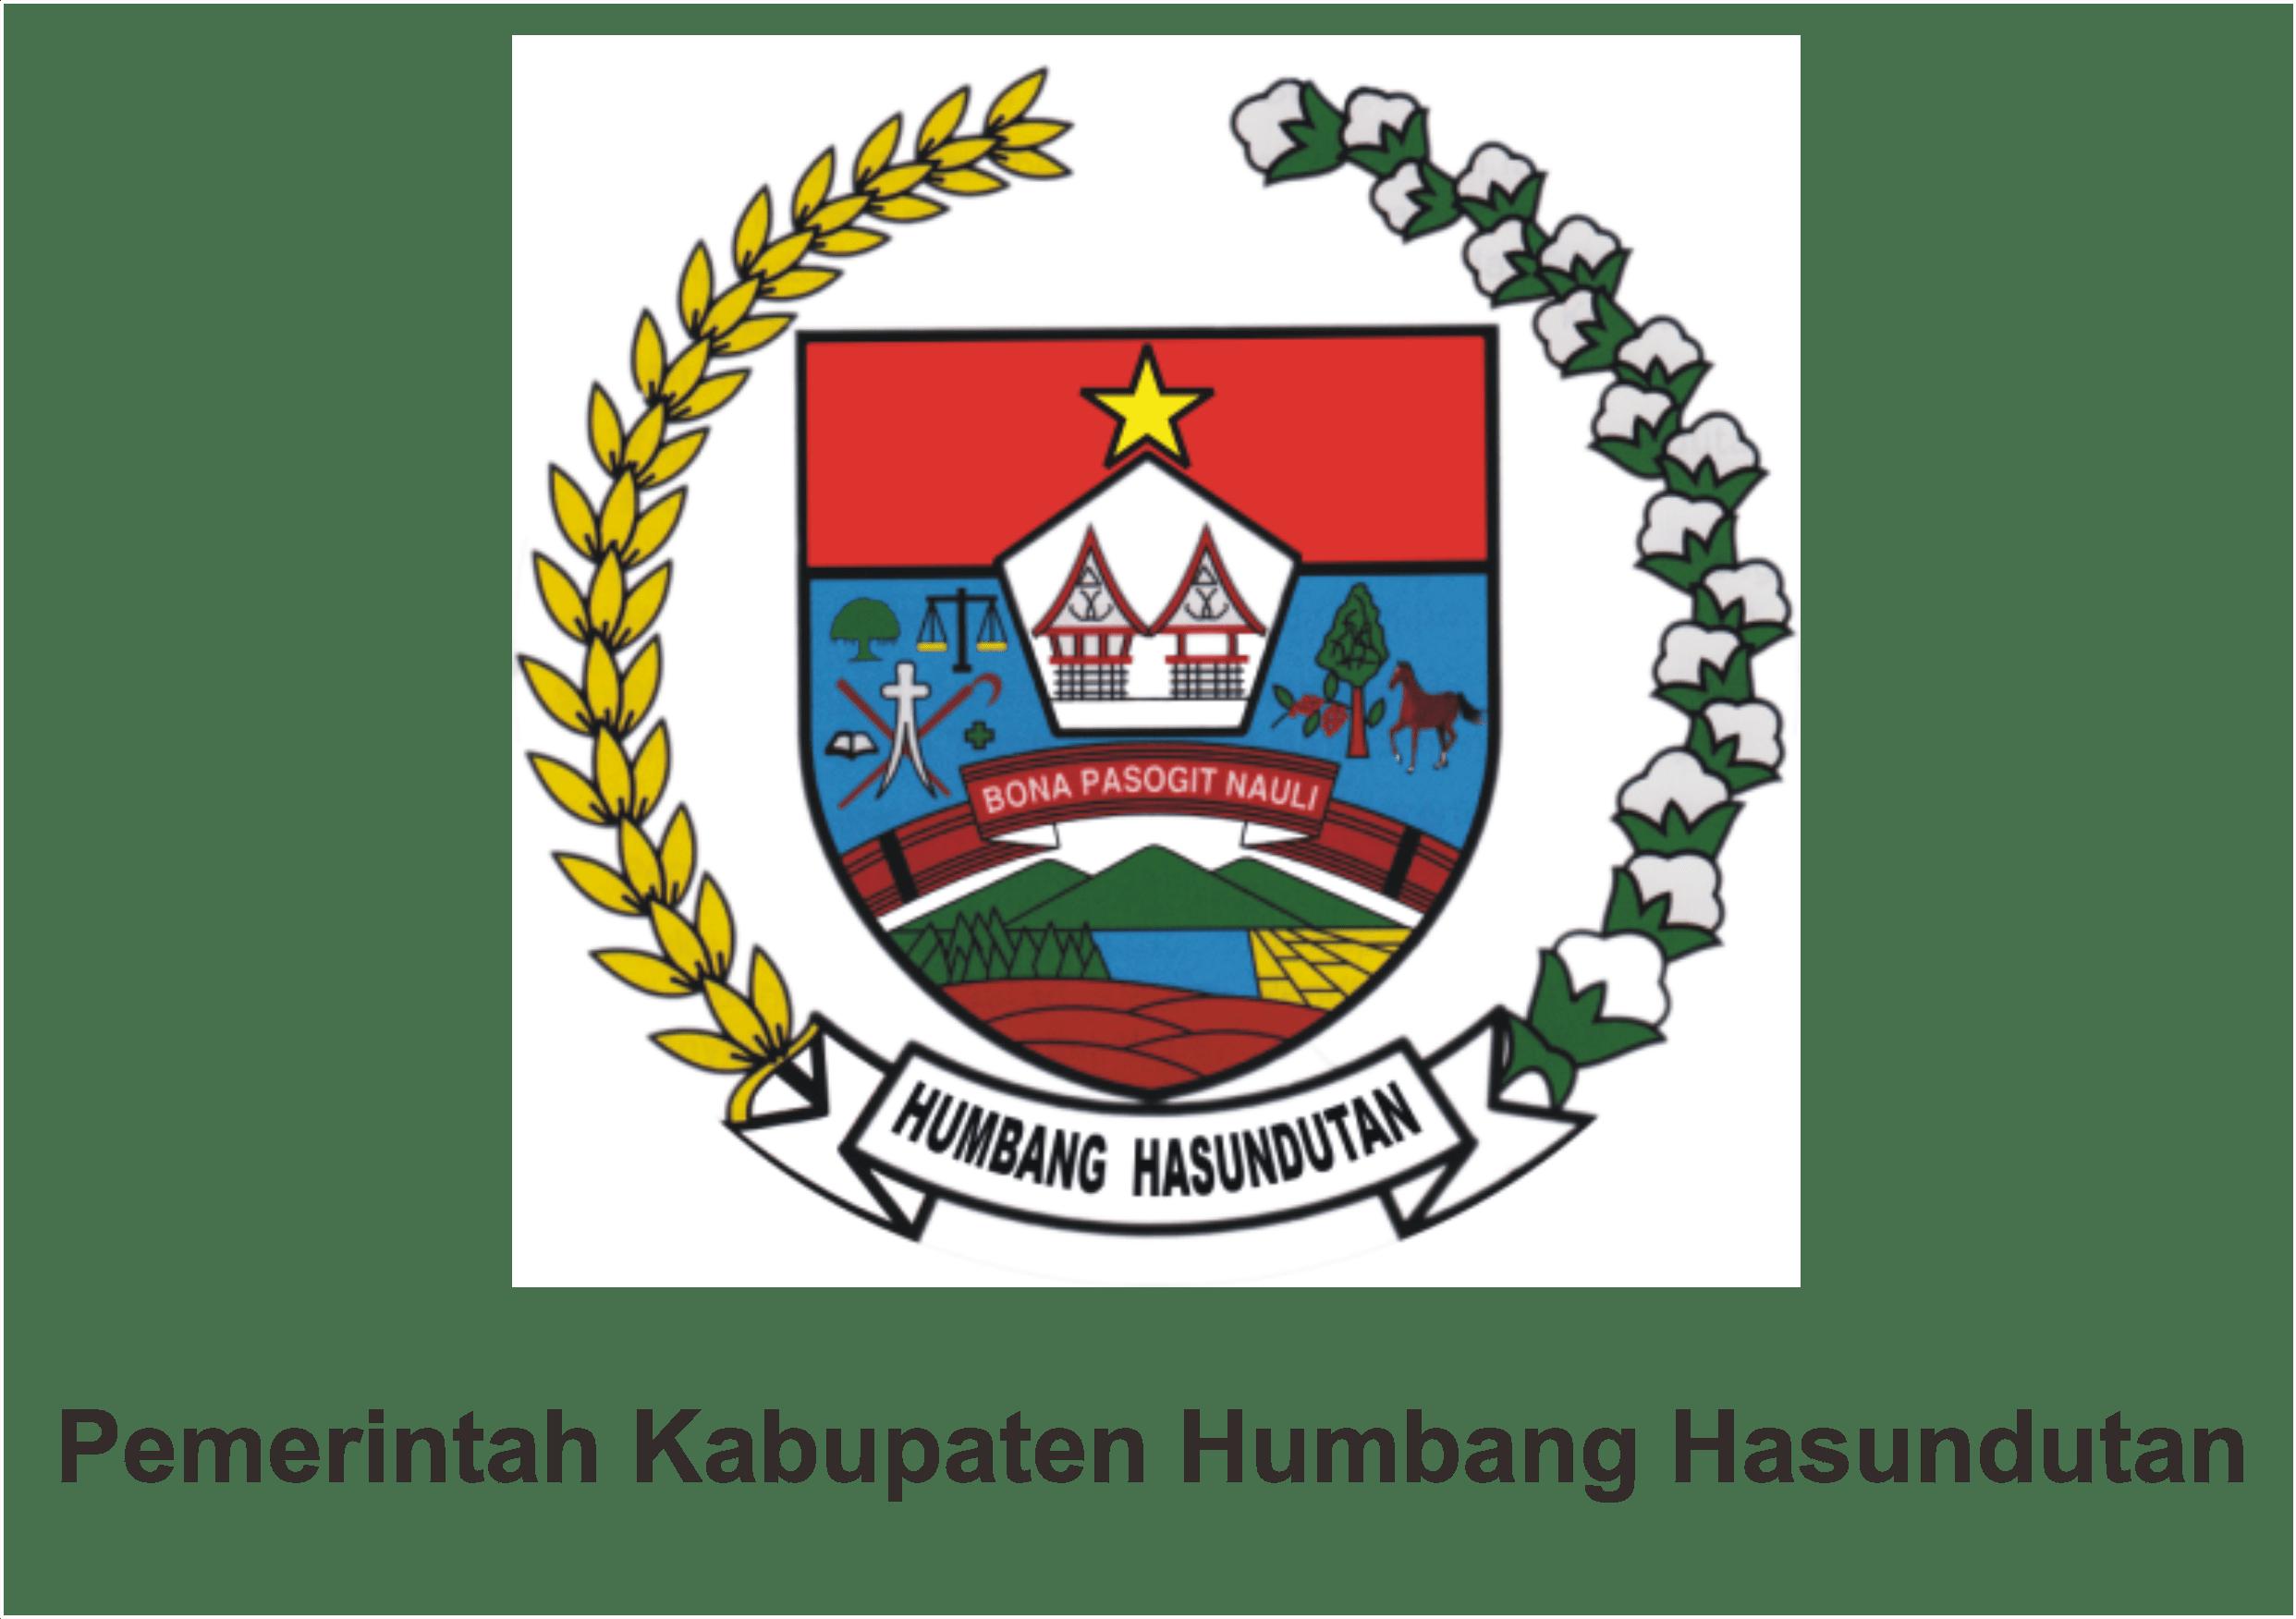 Pemerintah Kabupaten Humbang Hasundutan